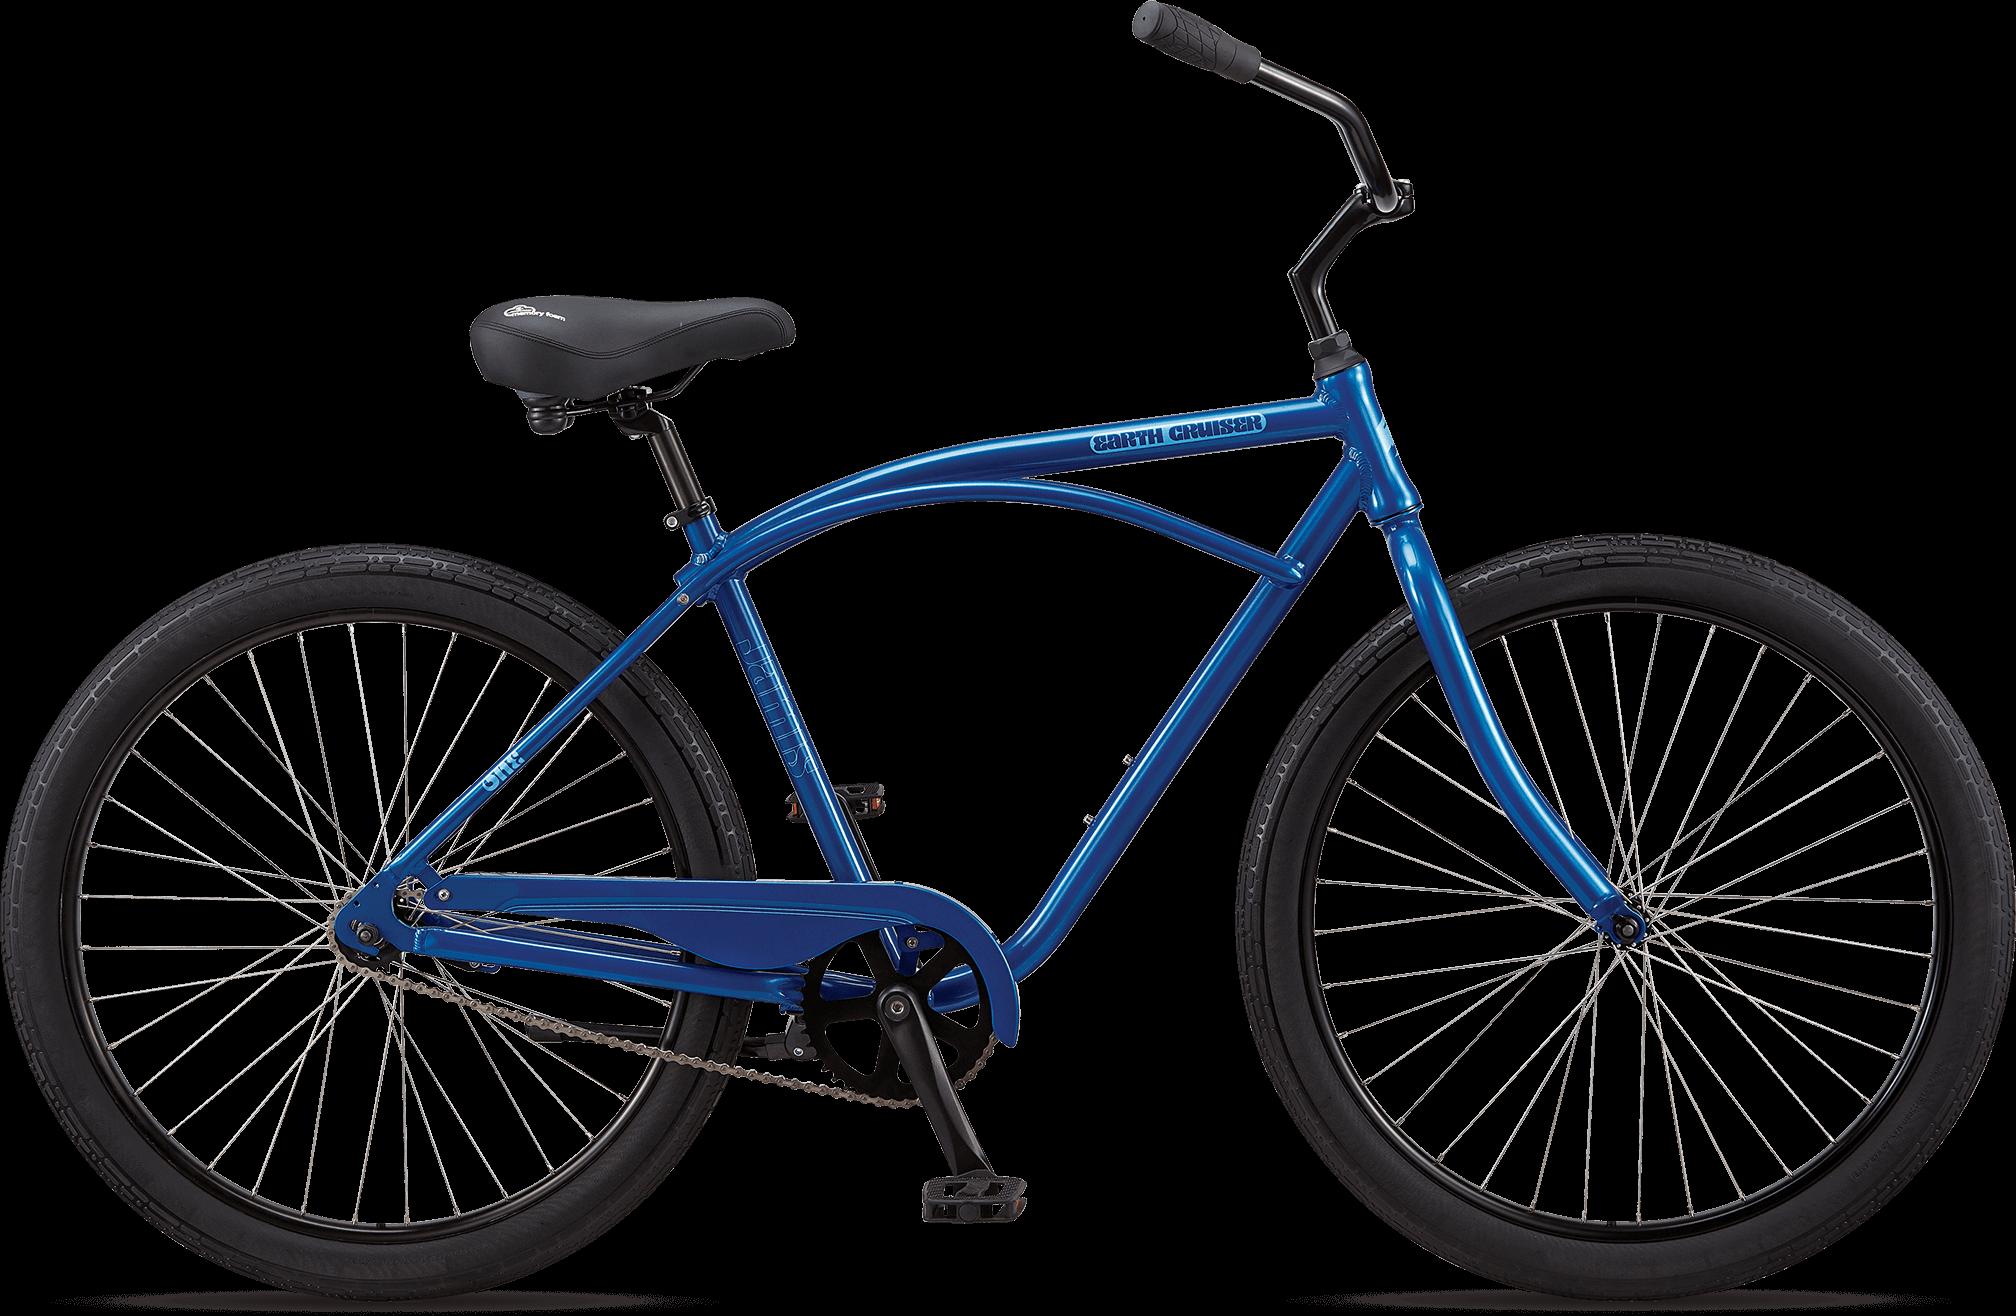 Jamis® Earth Cruiser® 1 Radiant Blue